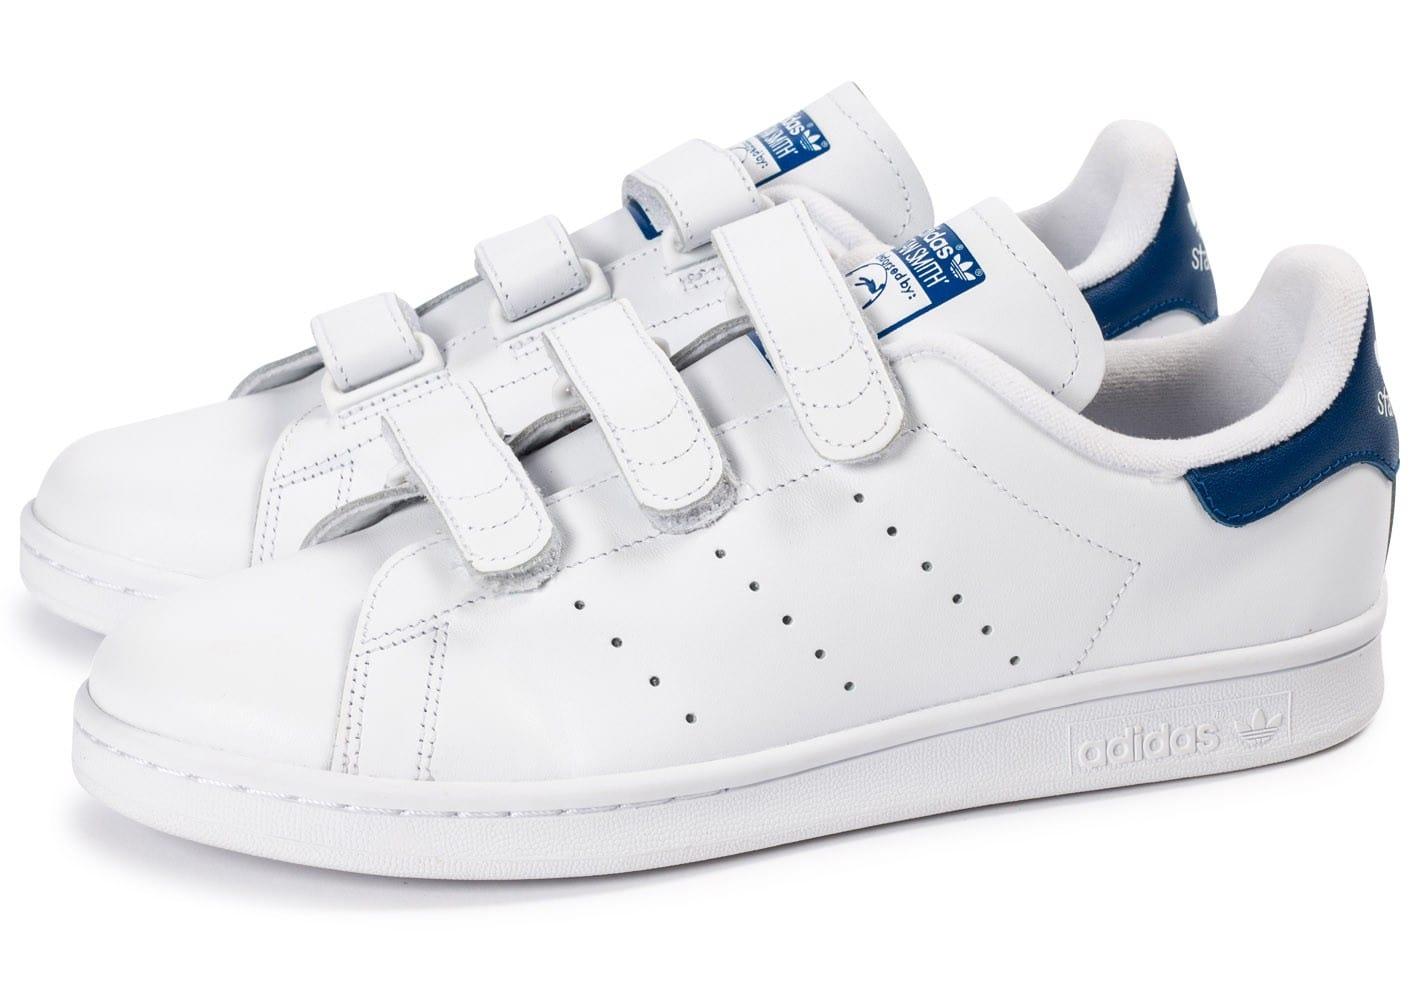 adidas stan smith bleu scratch allow project.eu